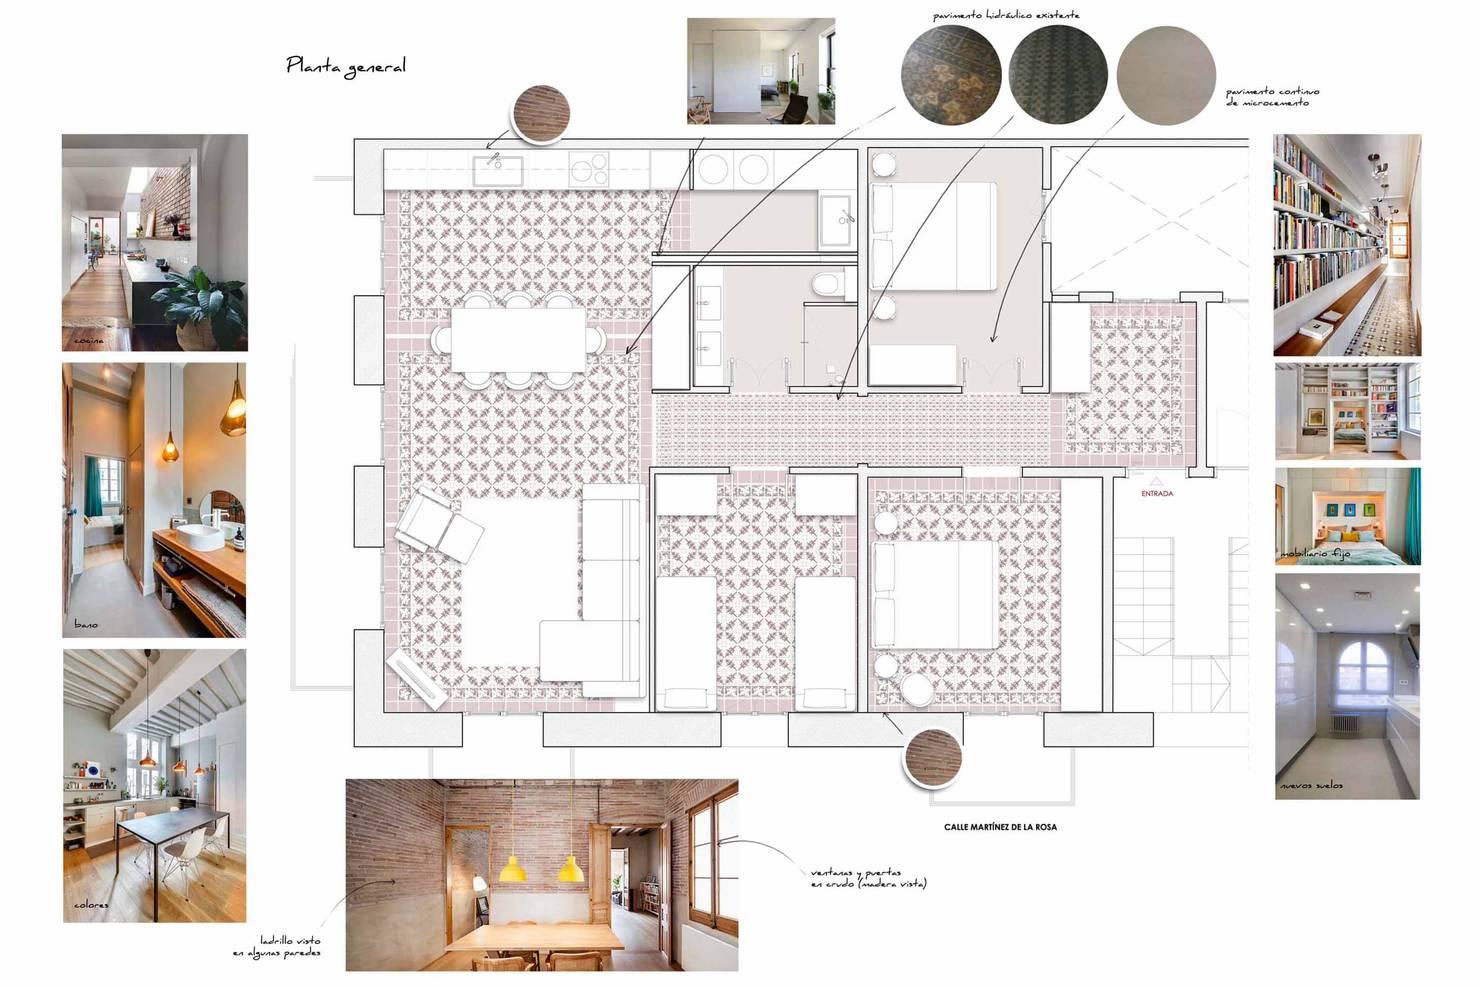 Un piso que mezcla con maestría tradición y modernidad